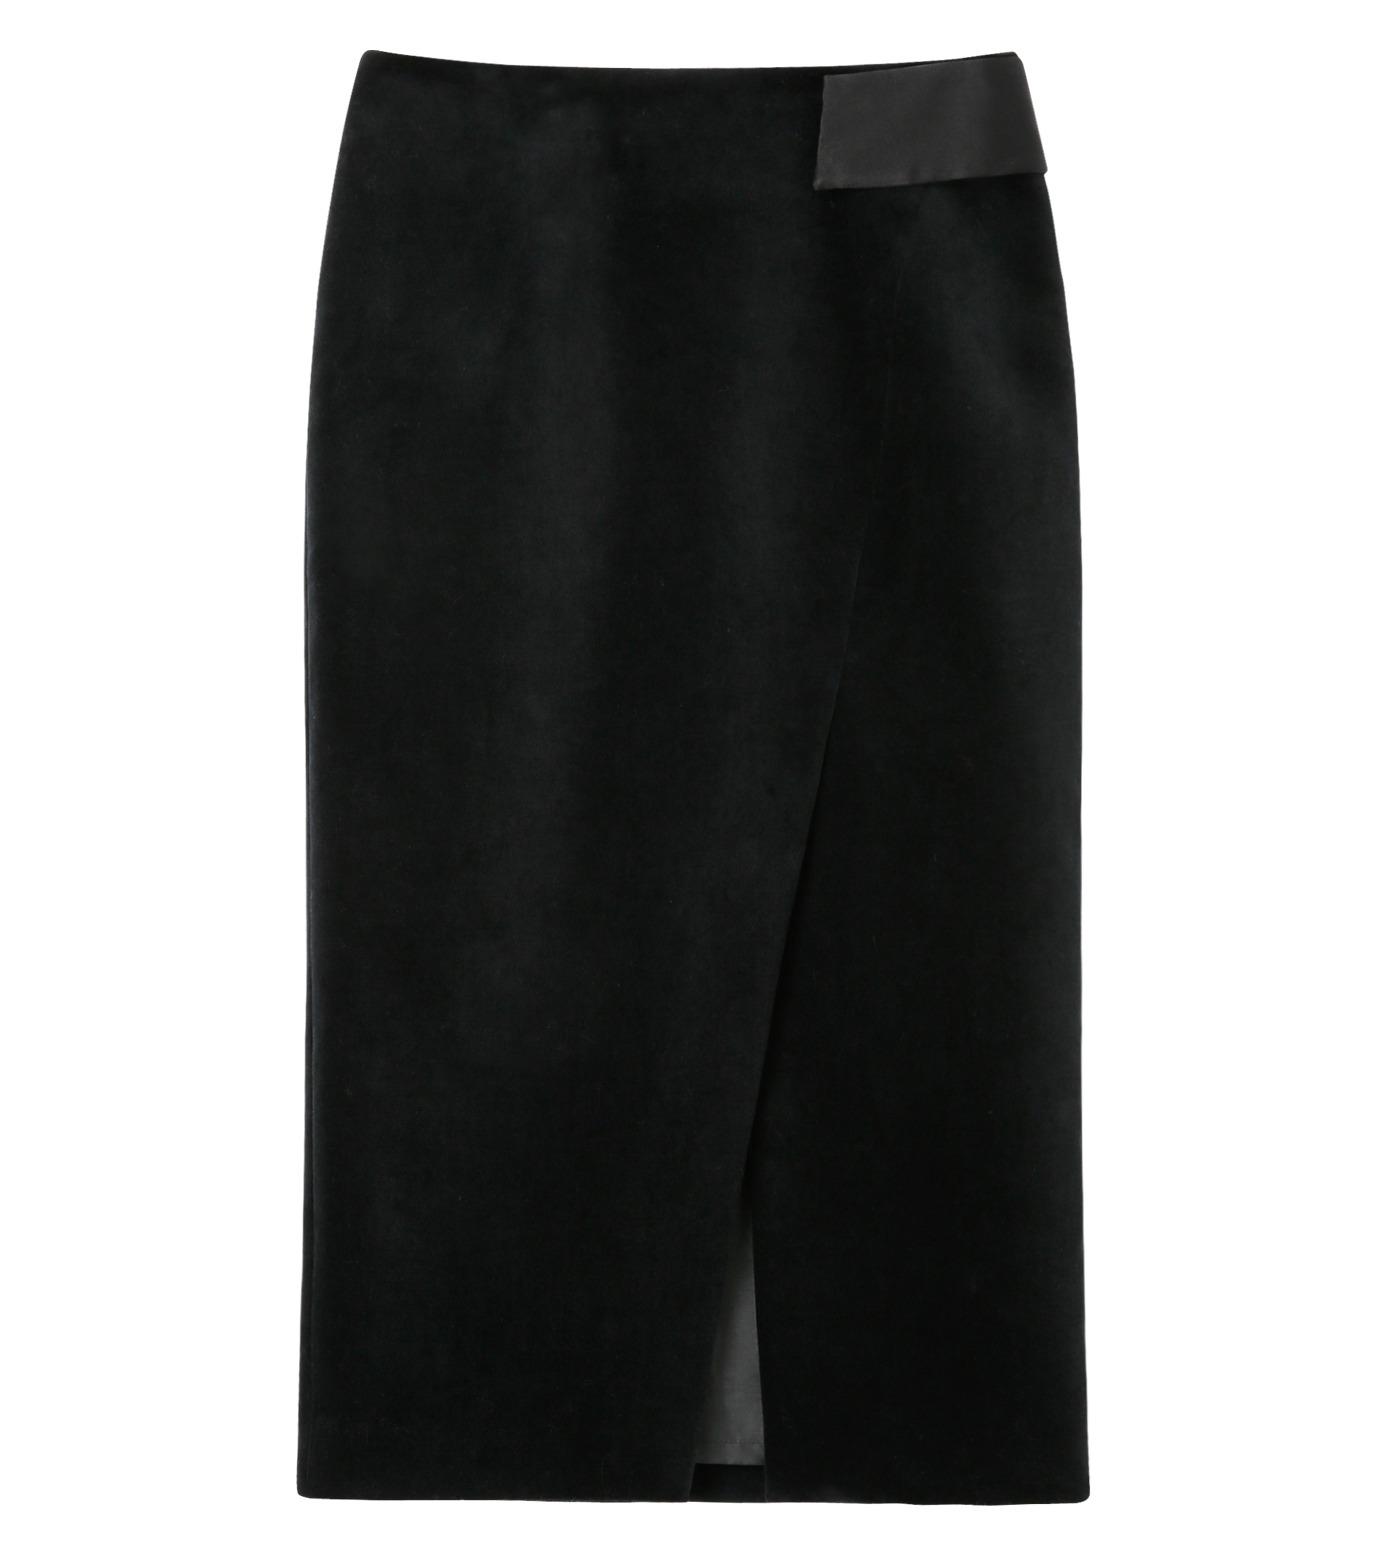 LE CIEL BLEU(ルシェルブルー)のベルベティーンスカート-BLACK-16A67036 拡大詳細画像1